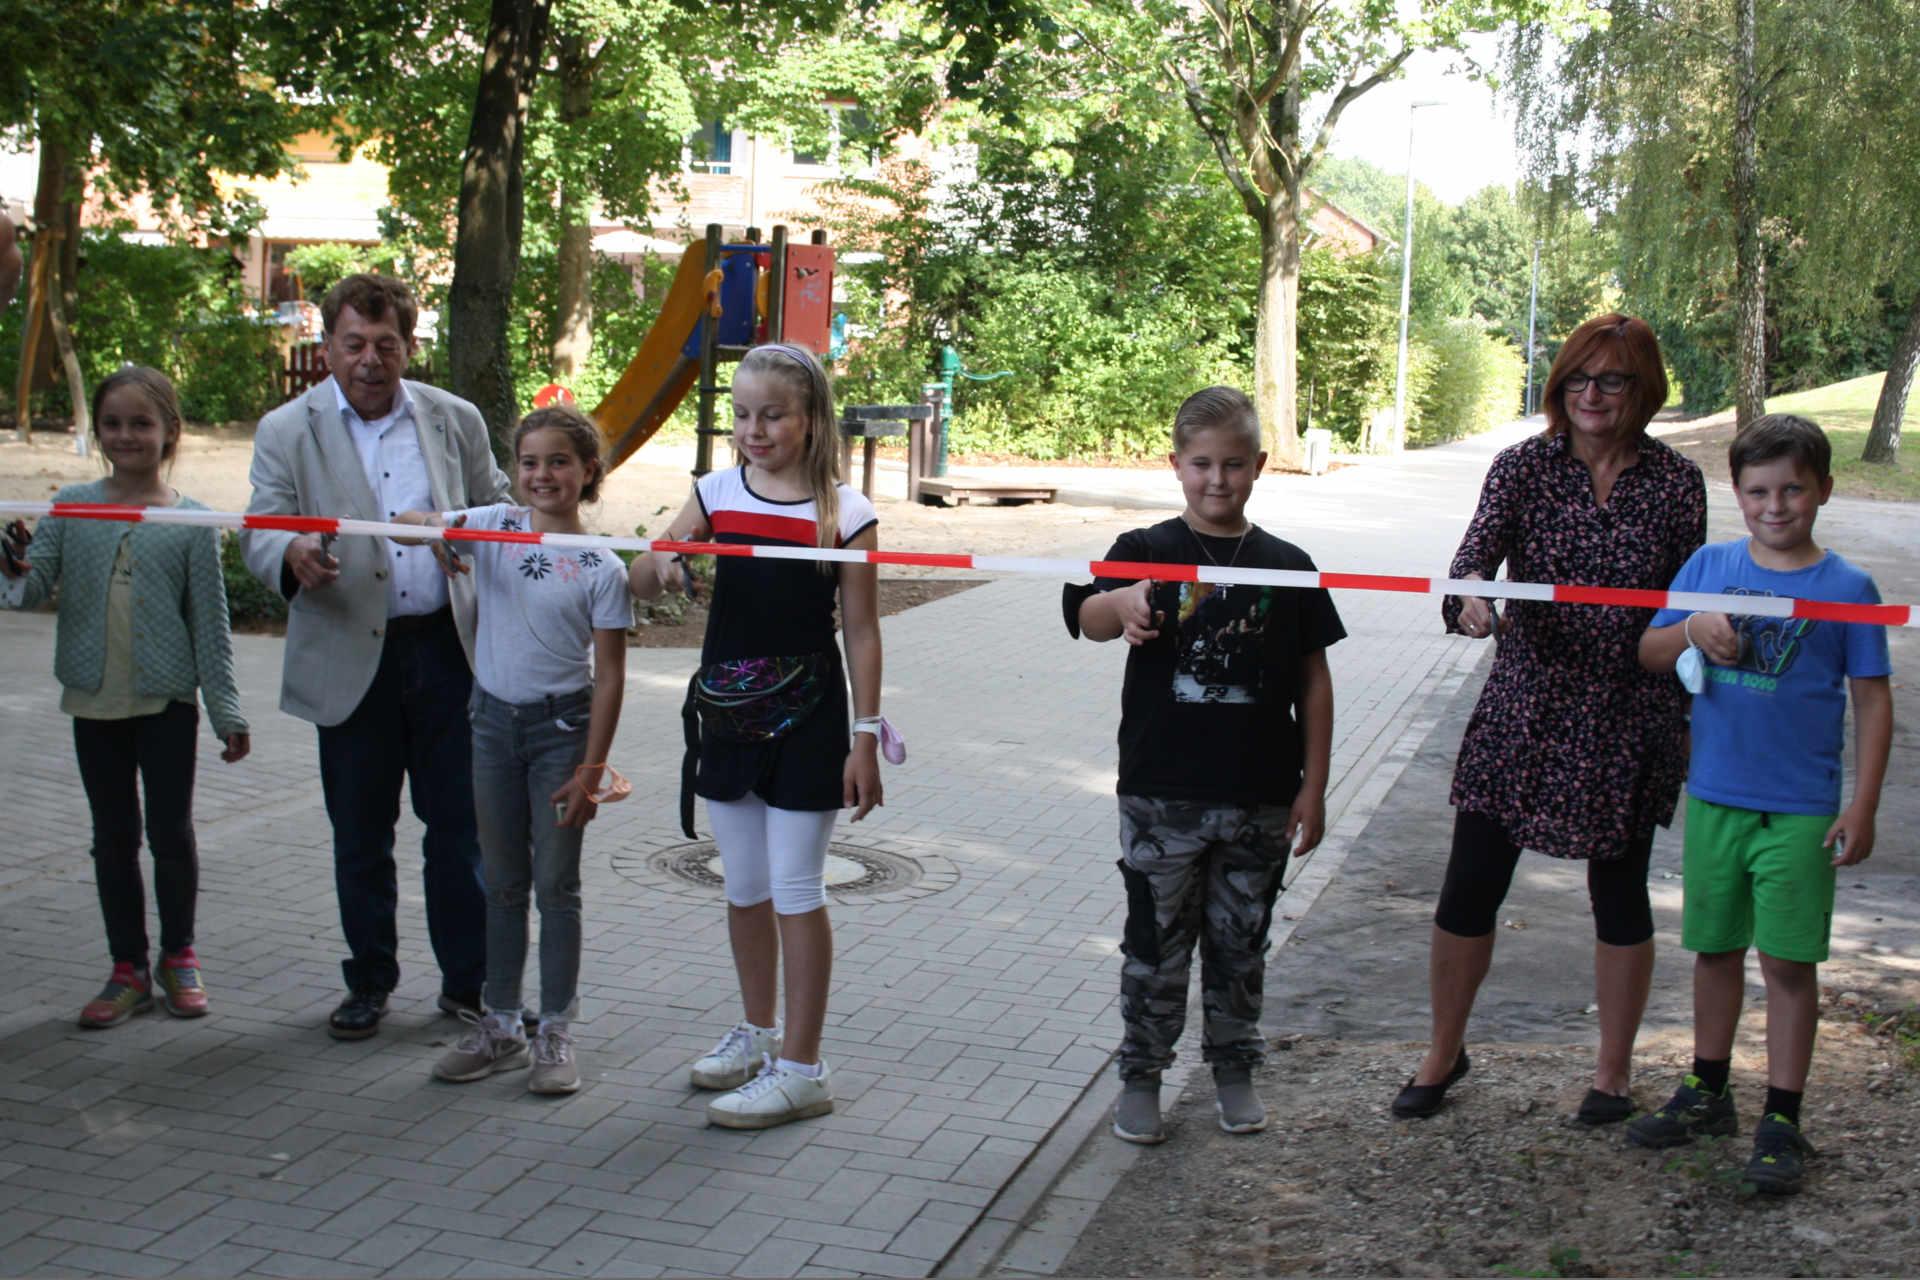 Barnewädchenweg-Wiedereröffnung